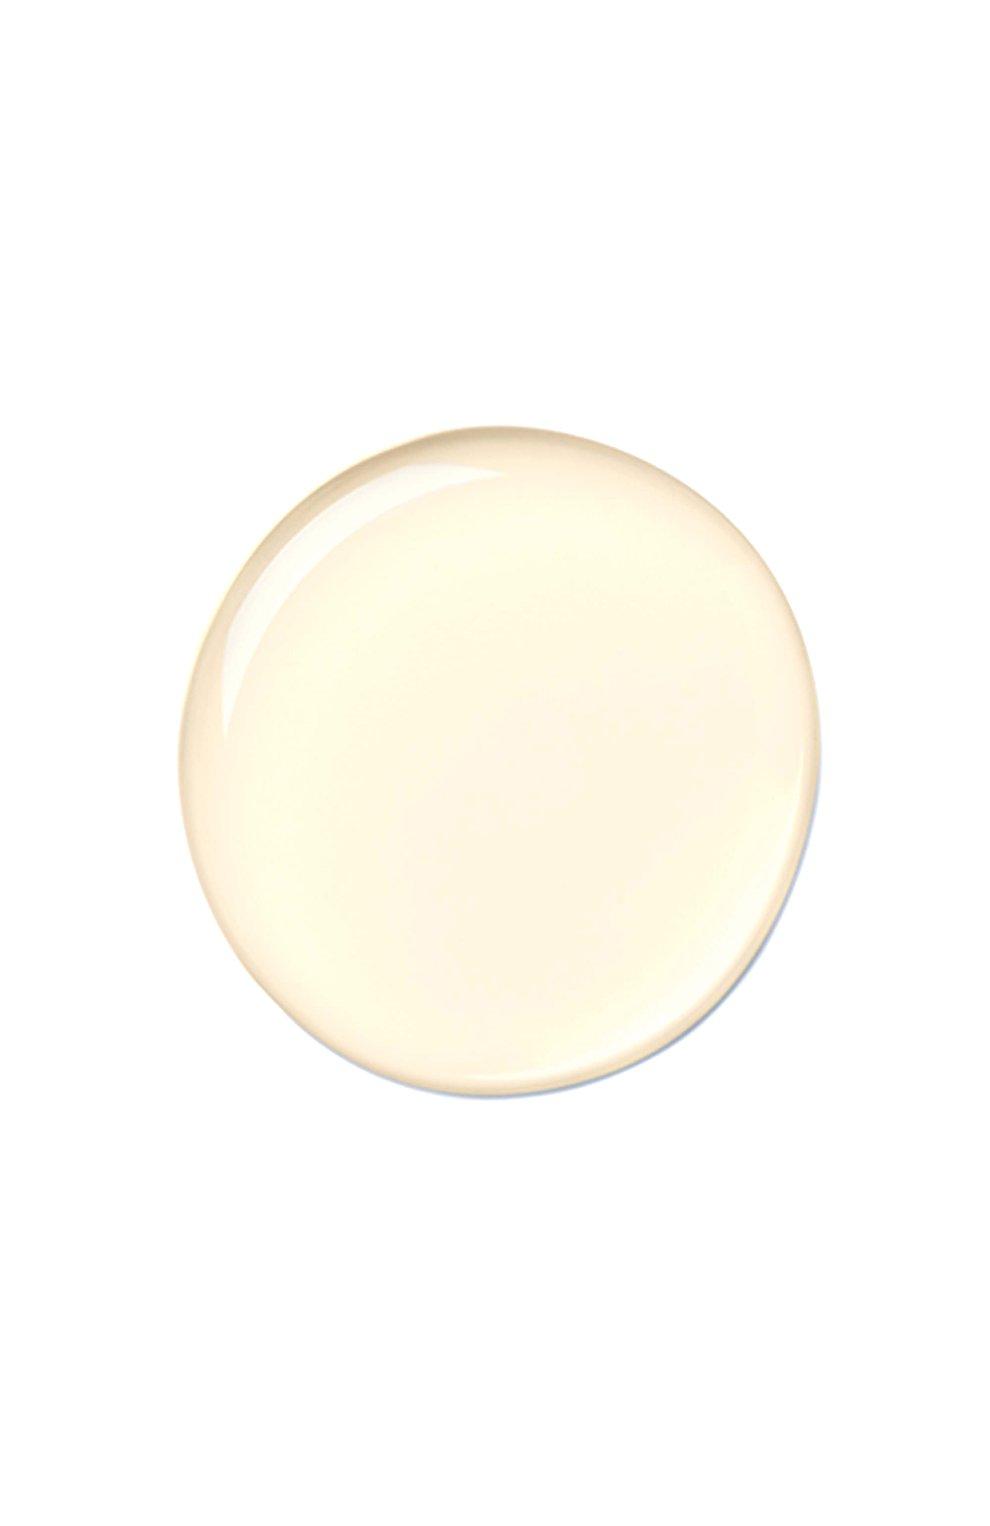 Очищающее масло для лица и области глаз abeille royale (150ml) GUERLAIN бесцветного цвета, арт. G061454 | Фото 2